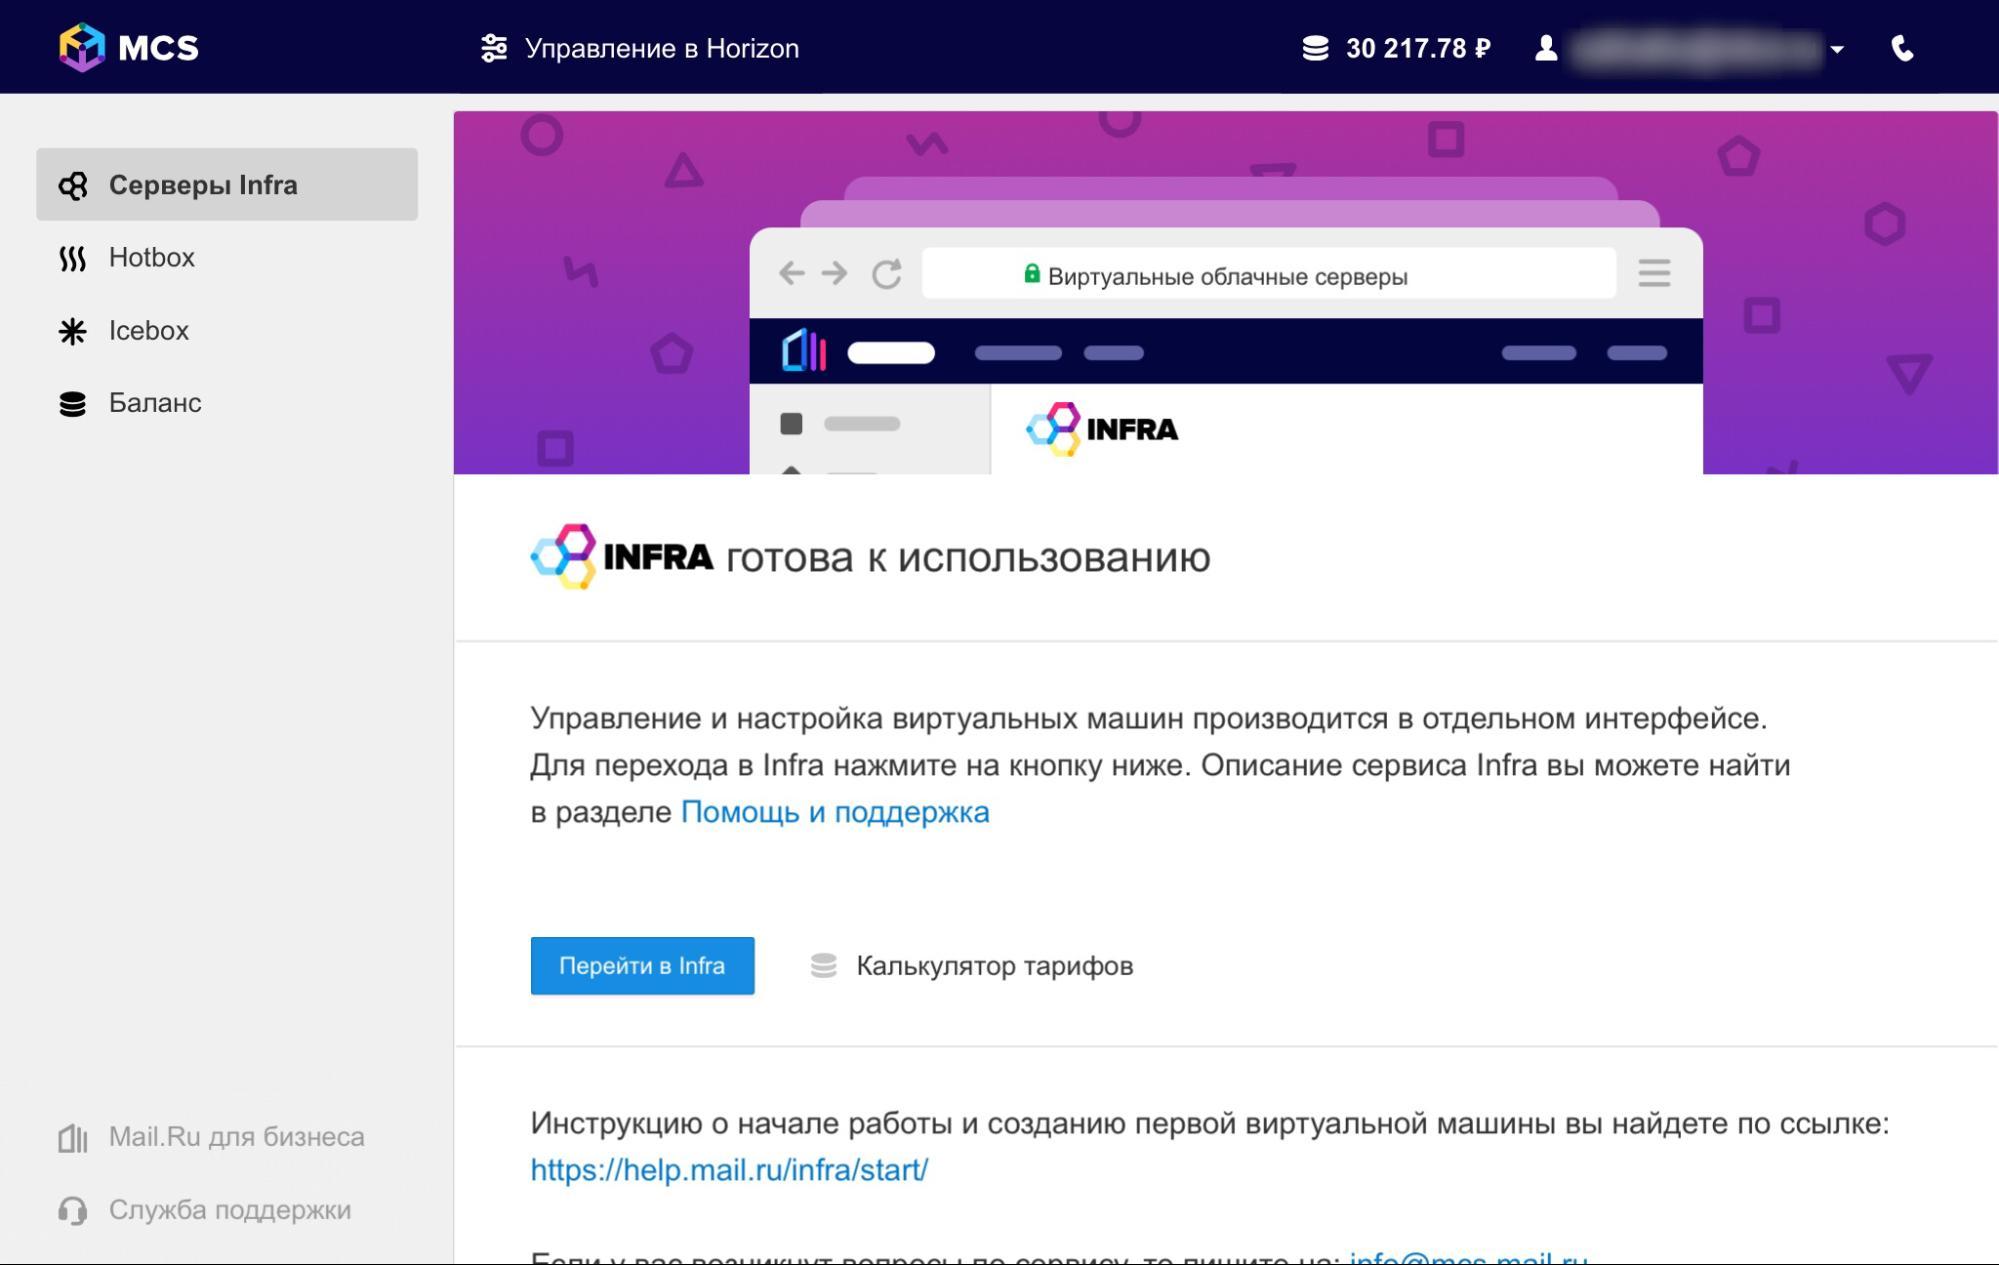 Amazon хостинг в россии панель управления игровым хостингом samp